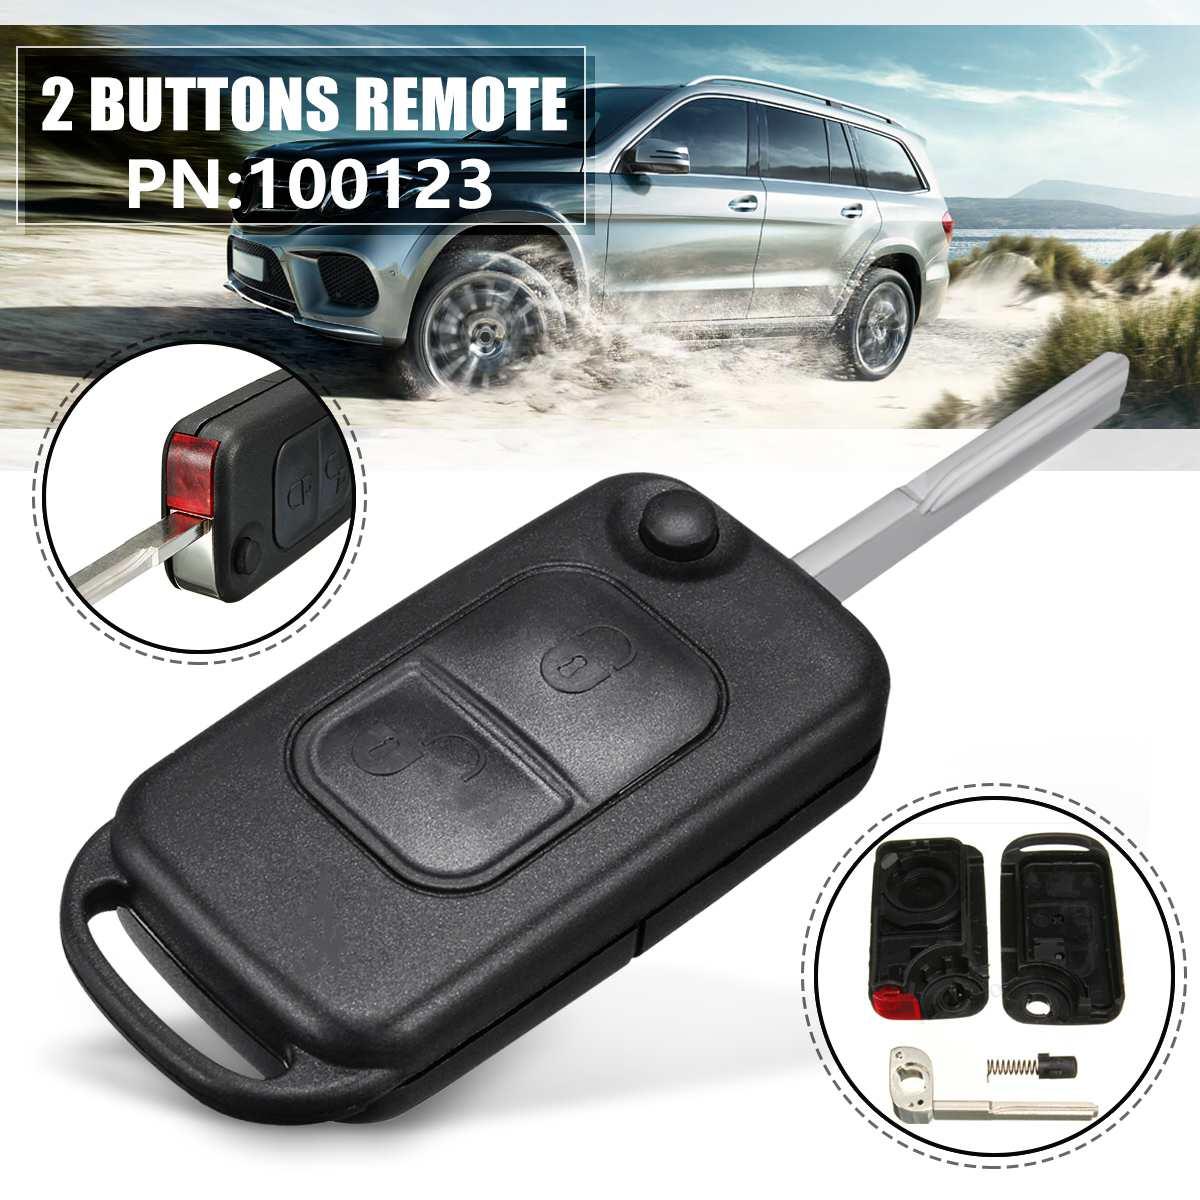 Clé de remplacement verrouillage 2 boutons   Télécommande de remplacement avec porte-clés à lame HU64 pour Benz A C E S classe MB étui